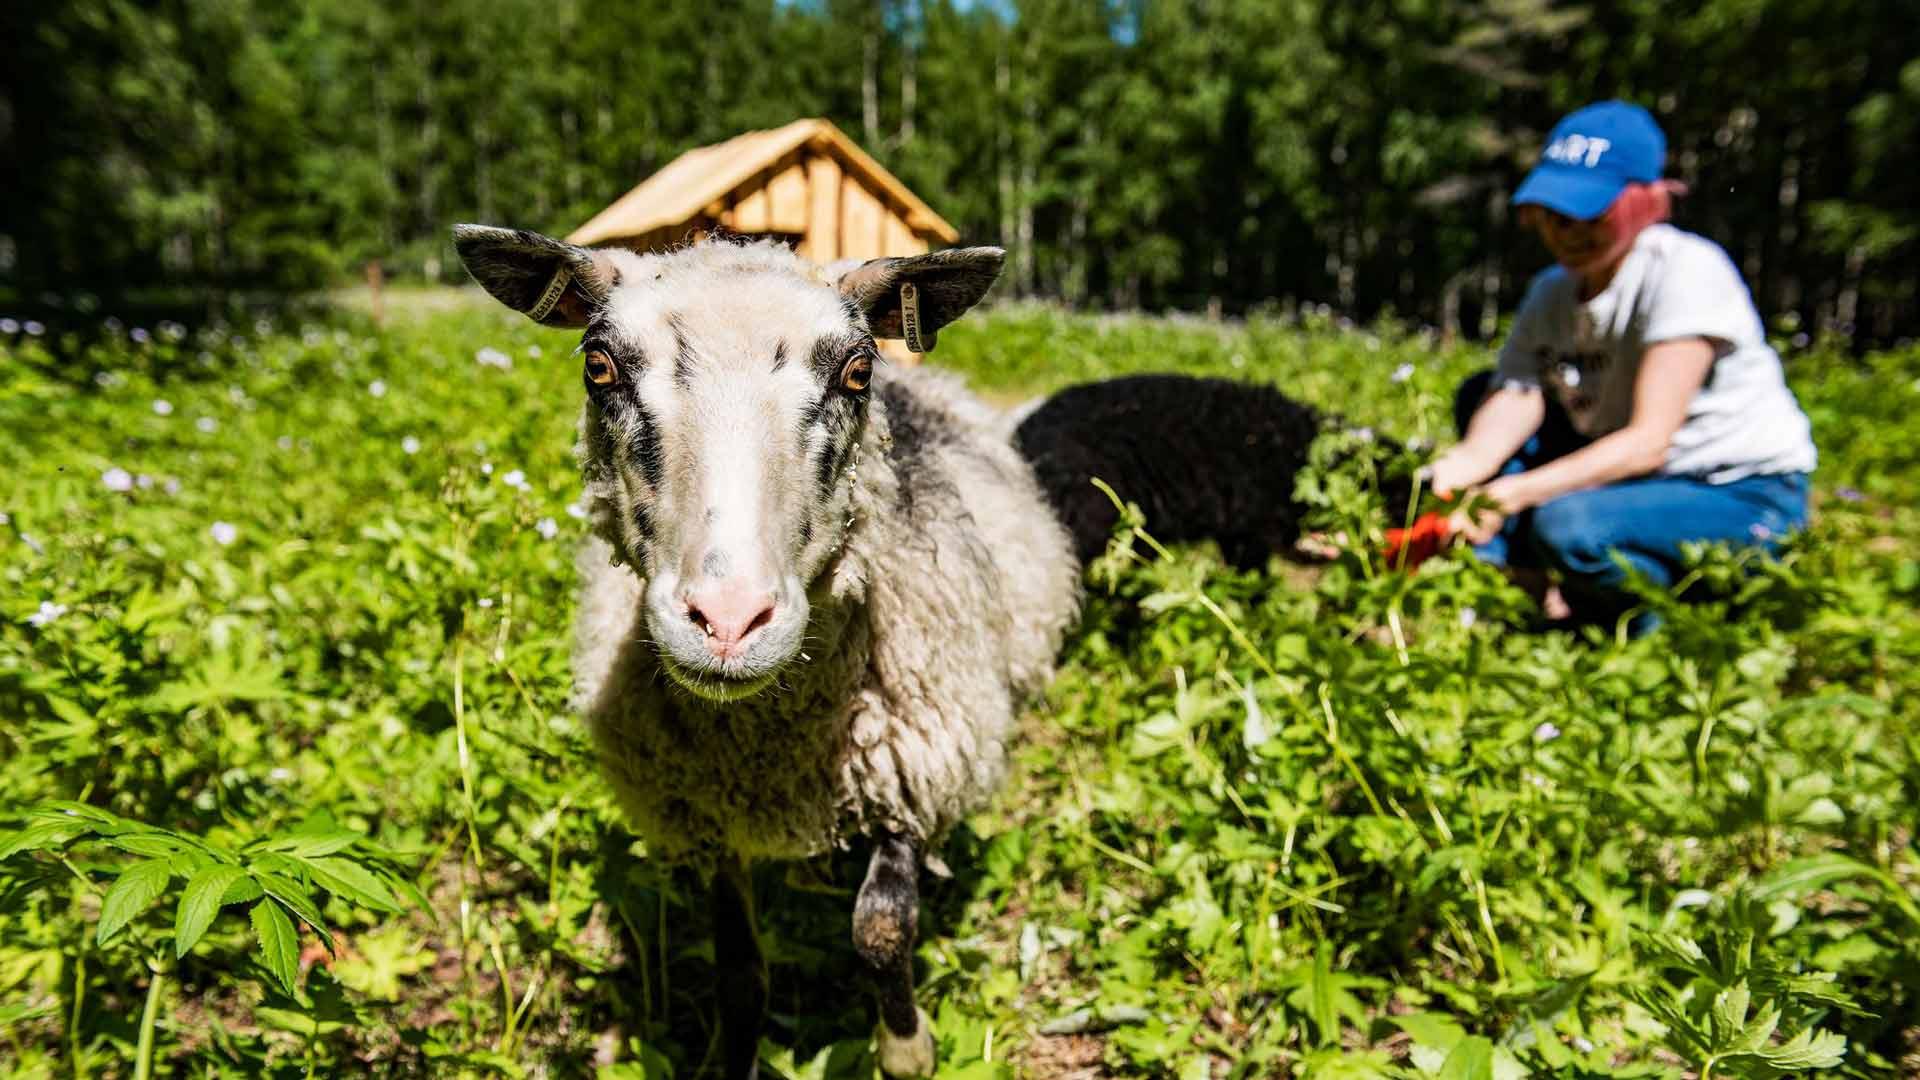 Kesälampaat pärjäävät niittotöissään itsenäisesti, mutta niitä saa myös hoitaa ja helliä.